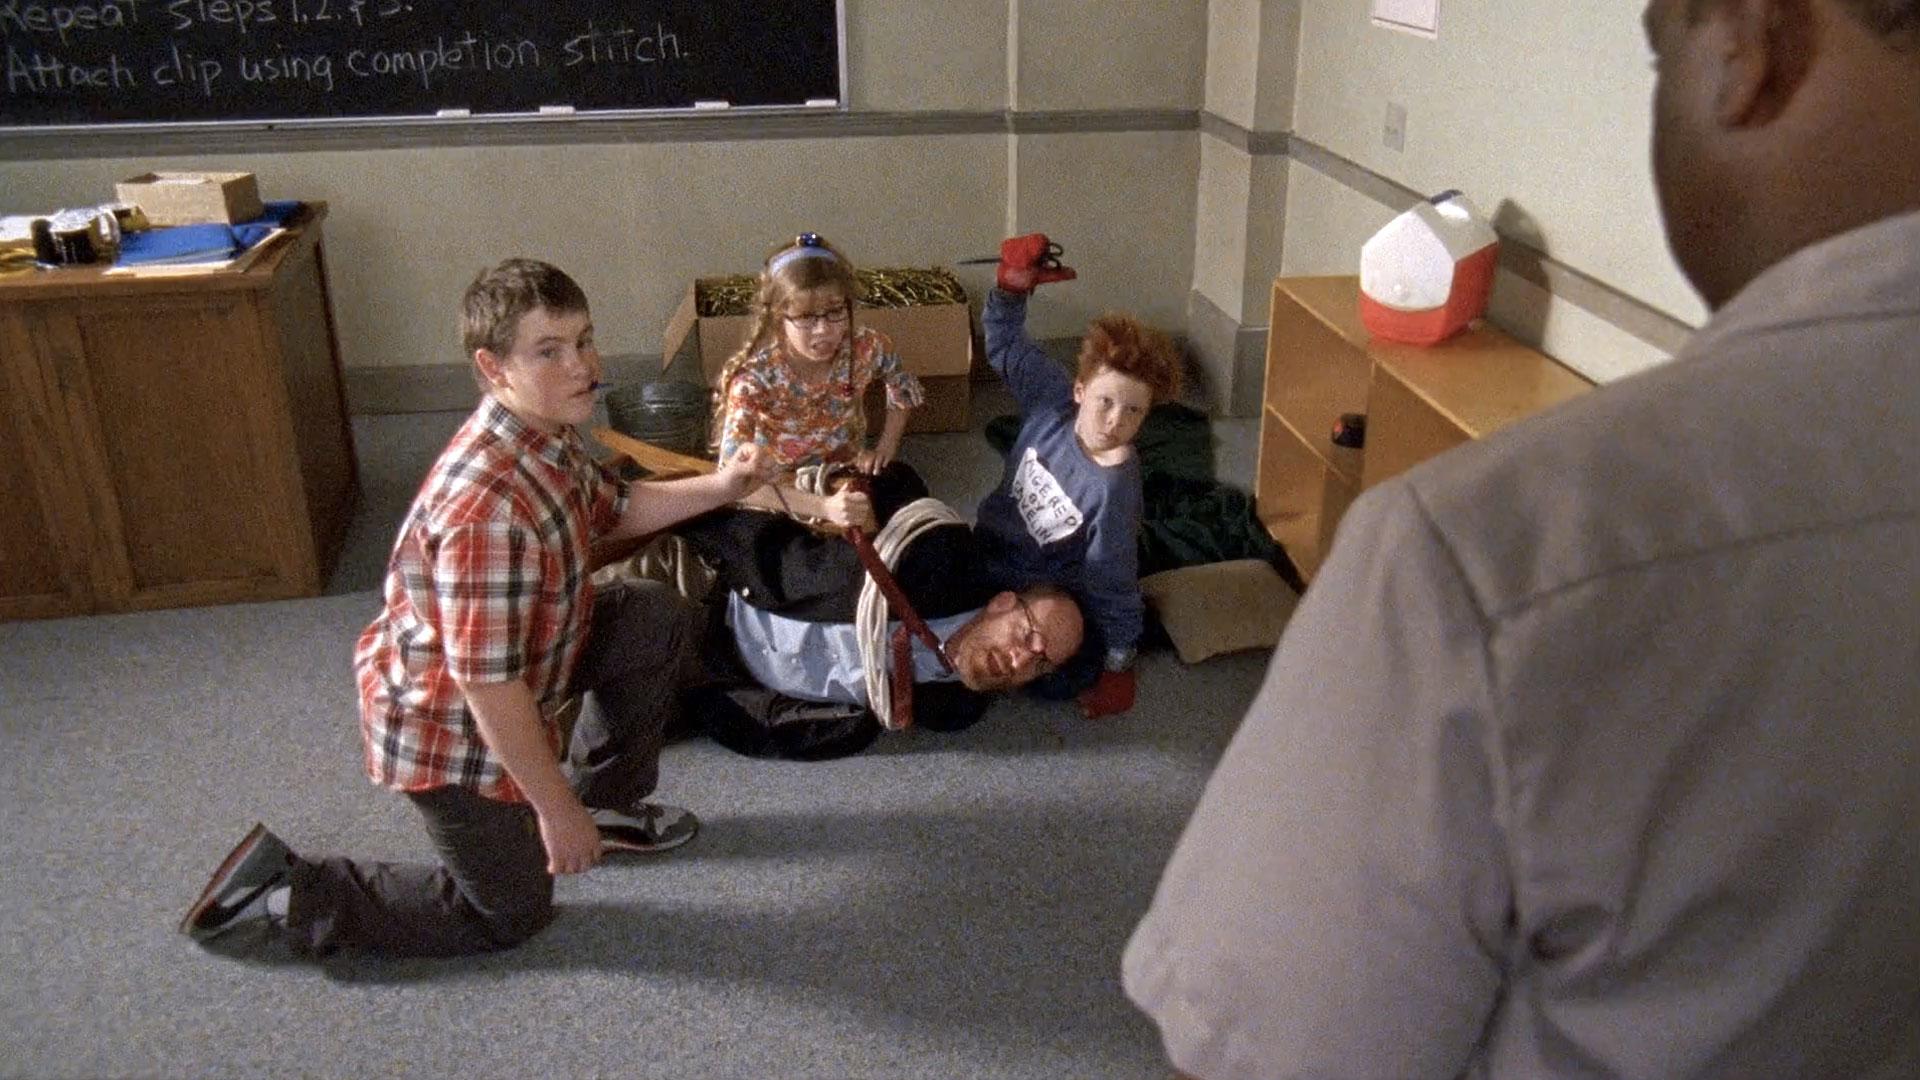 Danny McCarthy (Hanson), Jennette McCurdy(Penelope), Ron West (M. Flerch) et Cameron Monaghan (Chad) dans